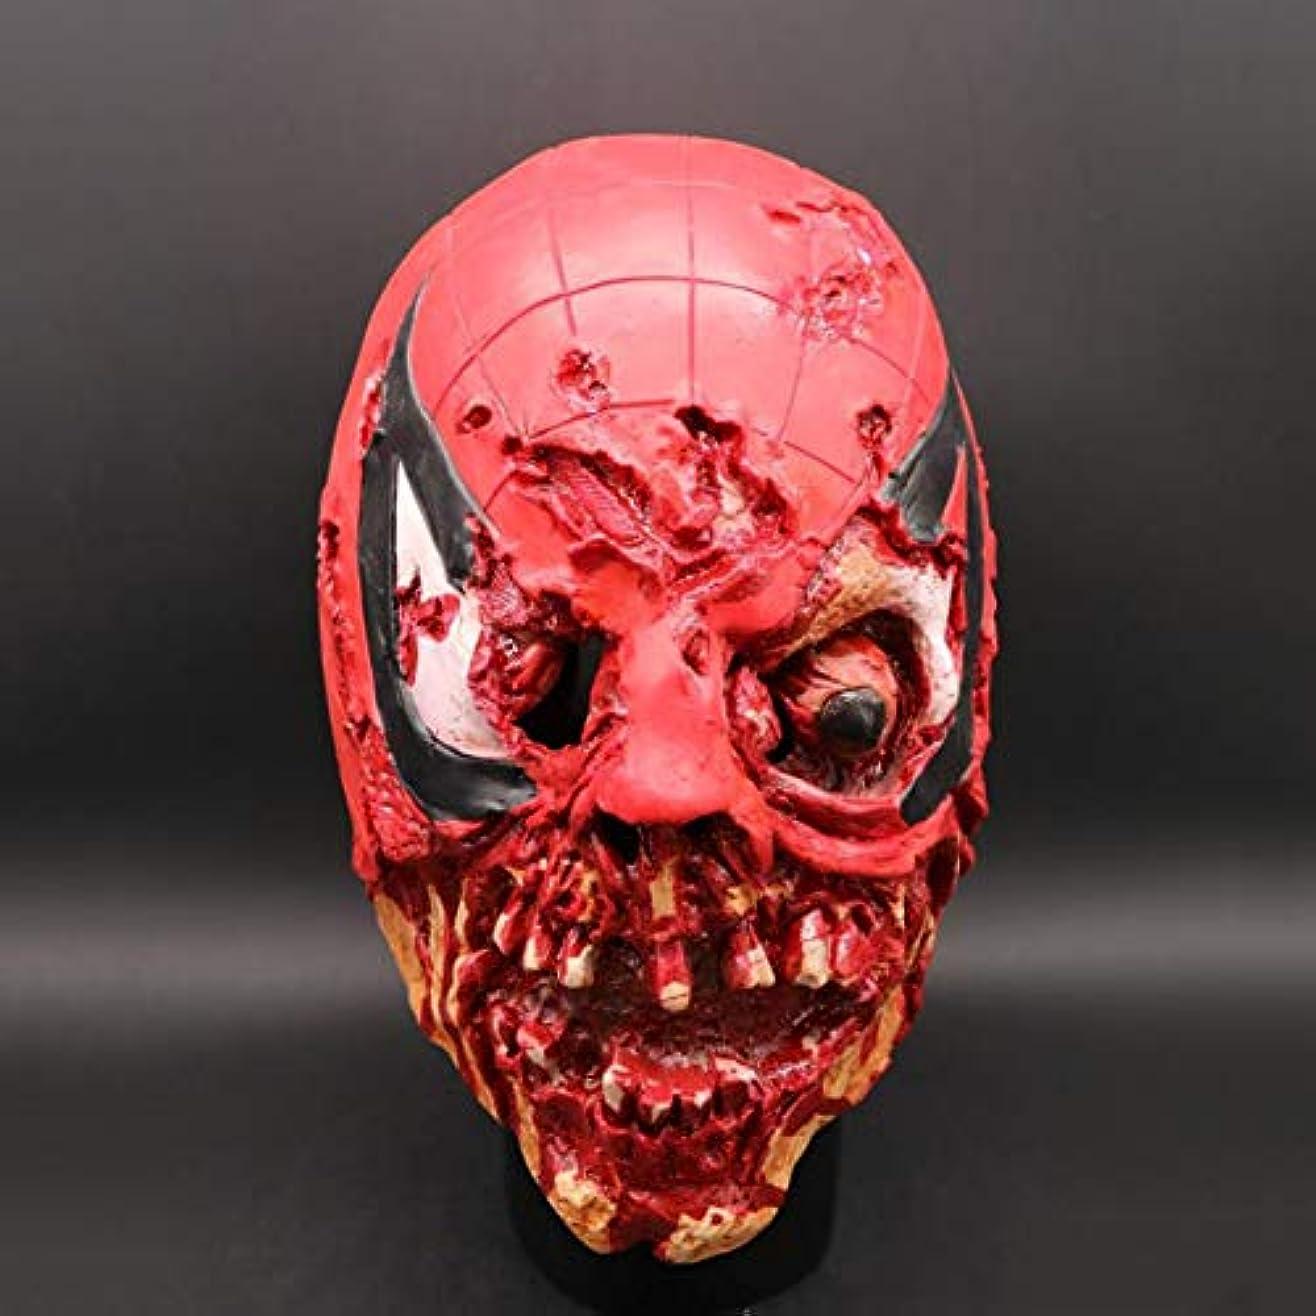 申し立てる消す最大のハロウィーンホラーマスク、スカルプラズマフードマスク、V クリエイティブ面白いヘッドマスク、ラテックス Vizard マスク、コスチュームプロップトカゲマスク